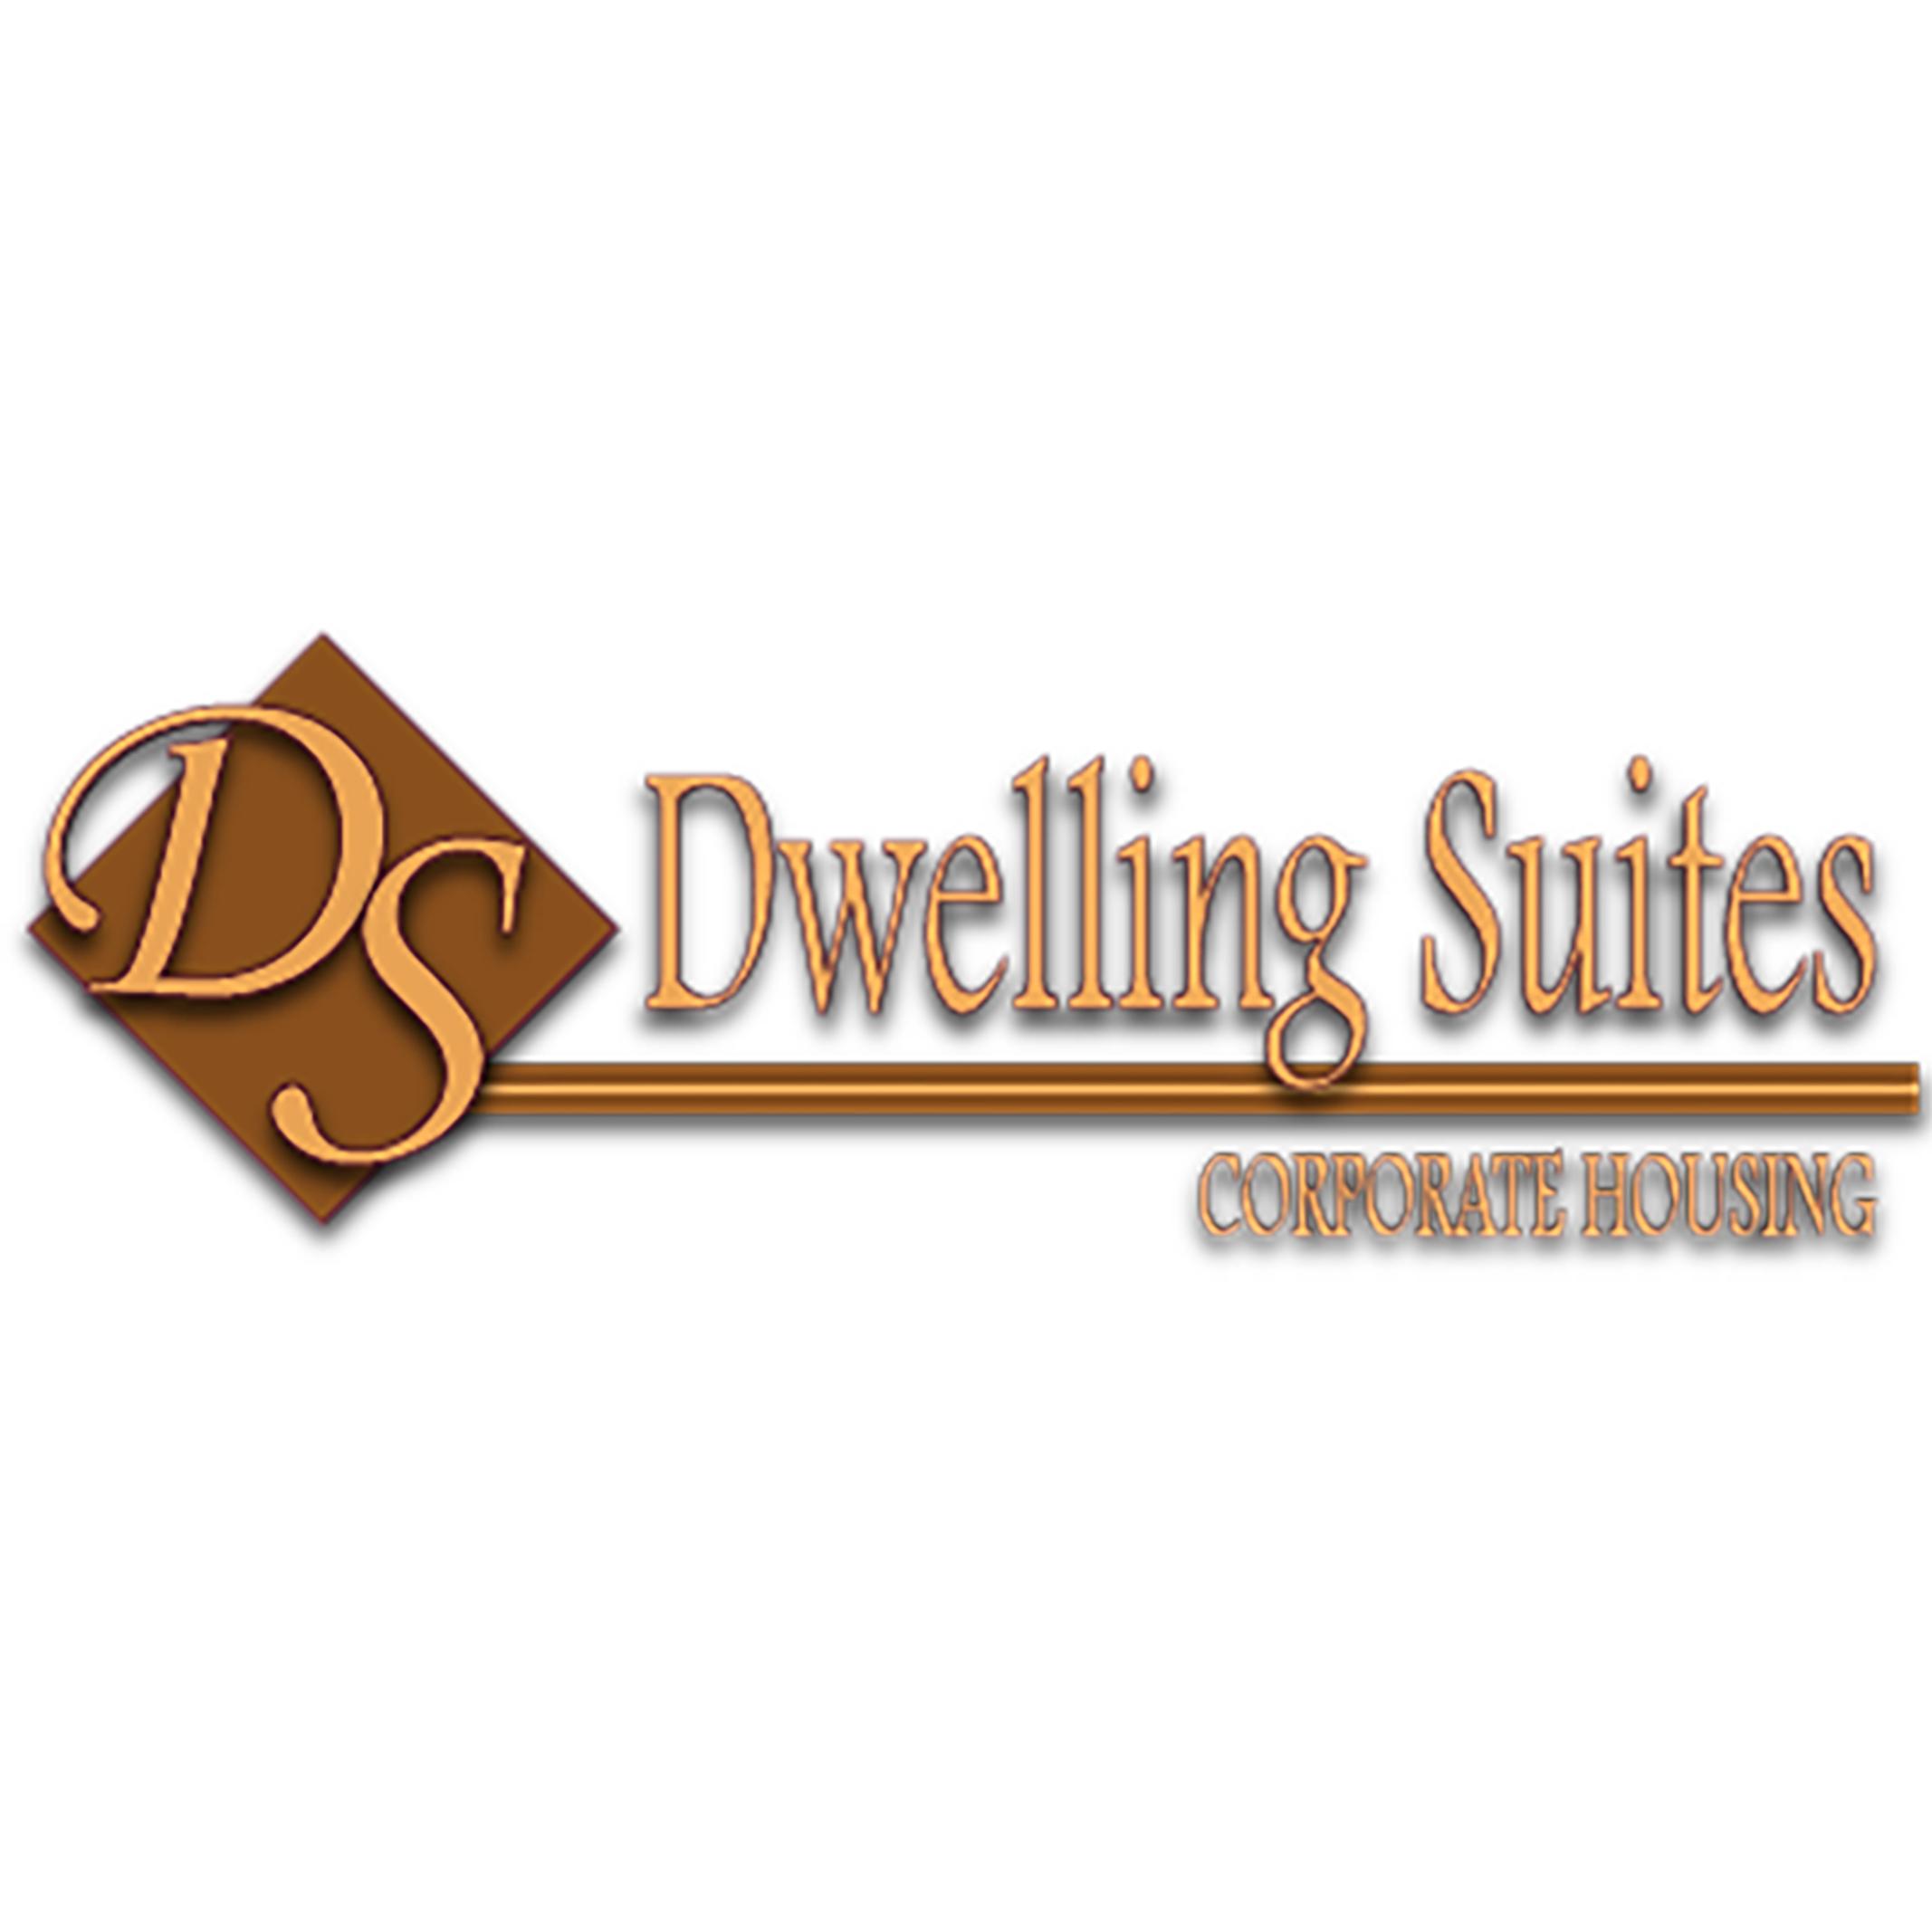 Dwelling Suites